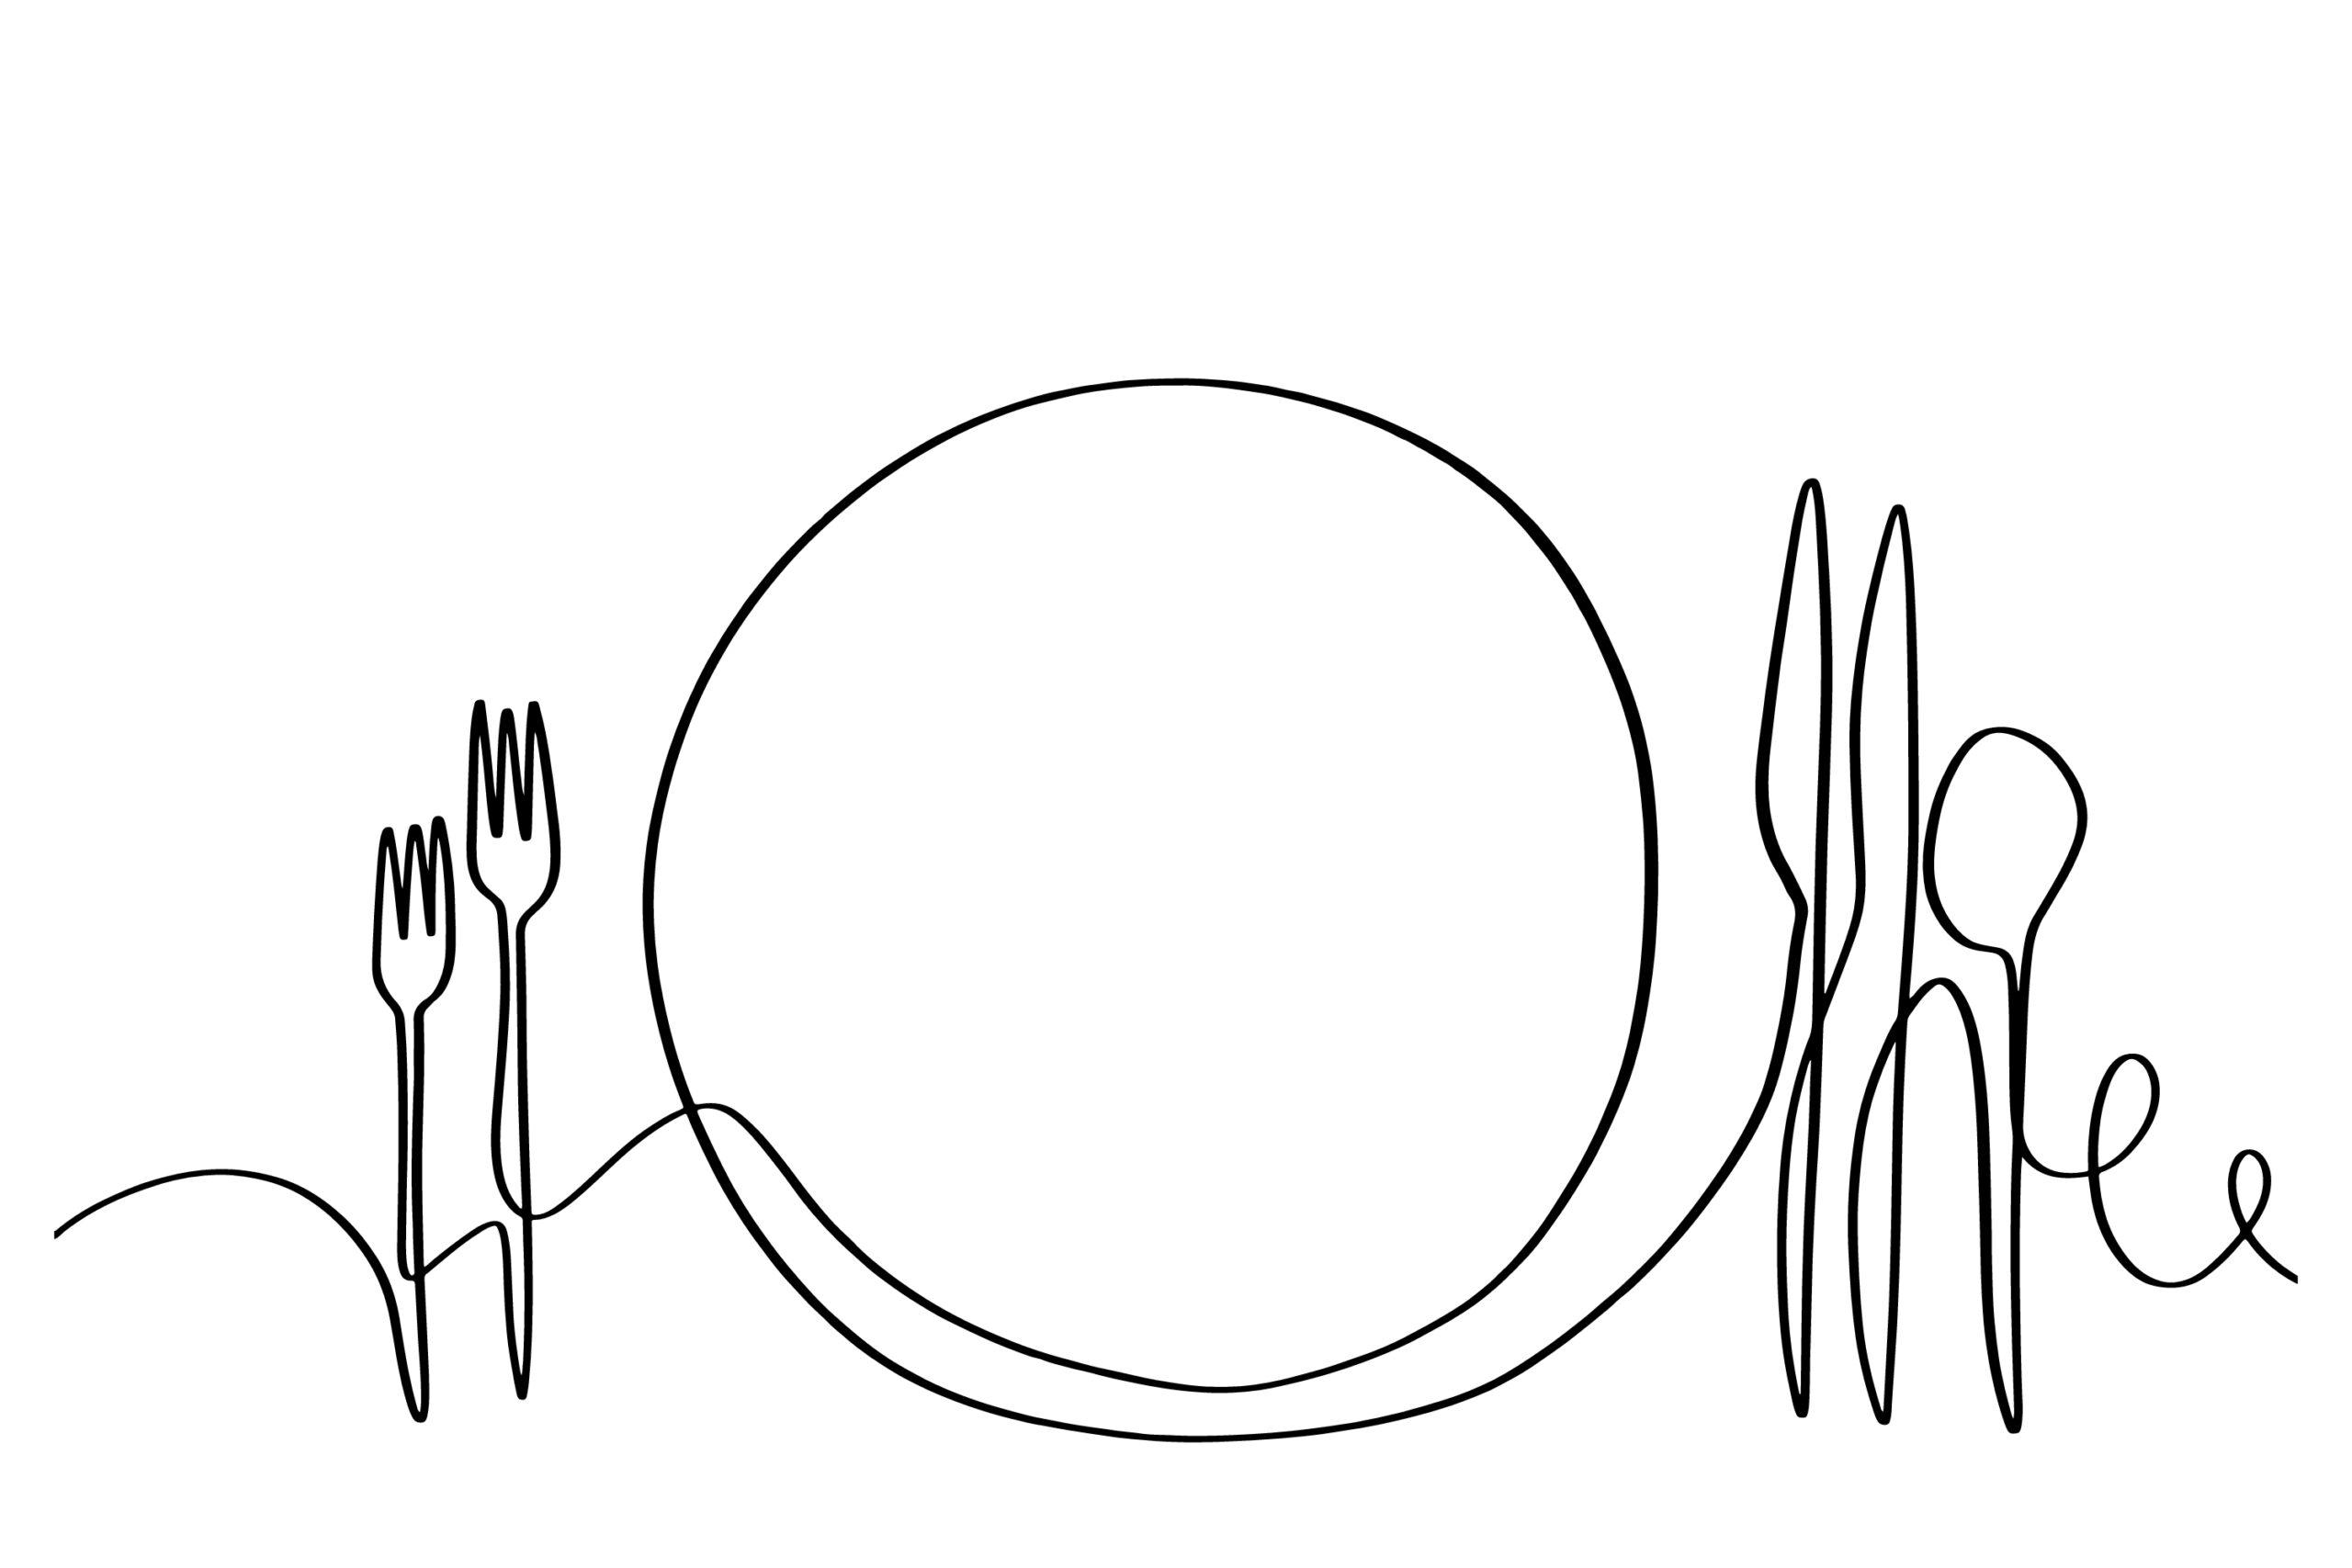 食べ方の前に気を付けること